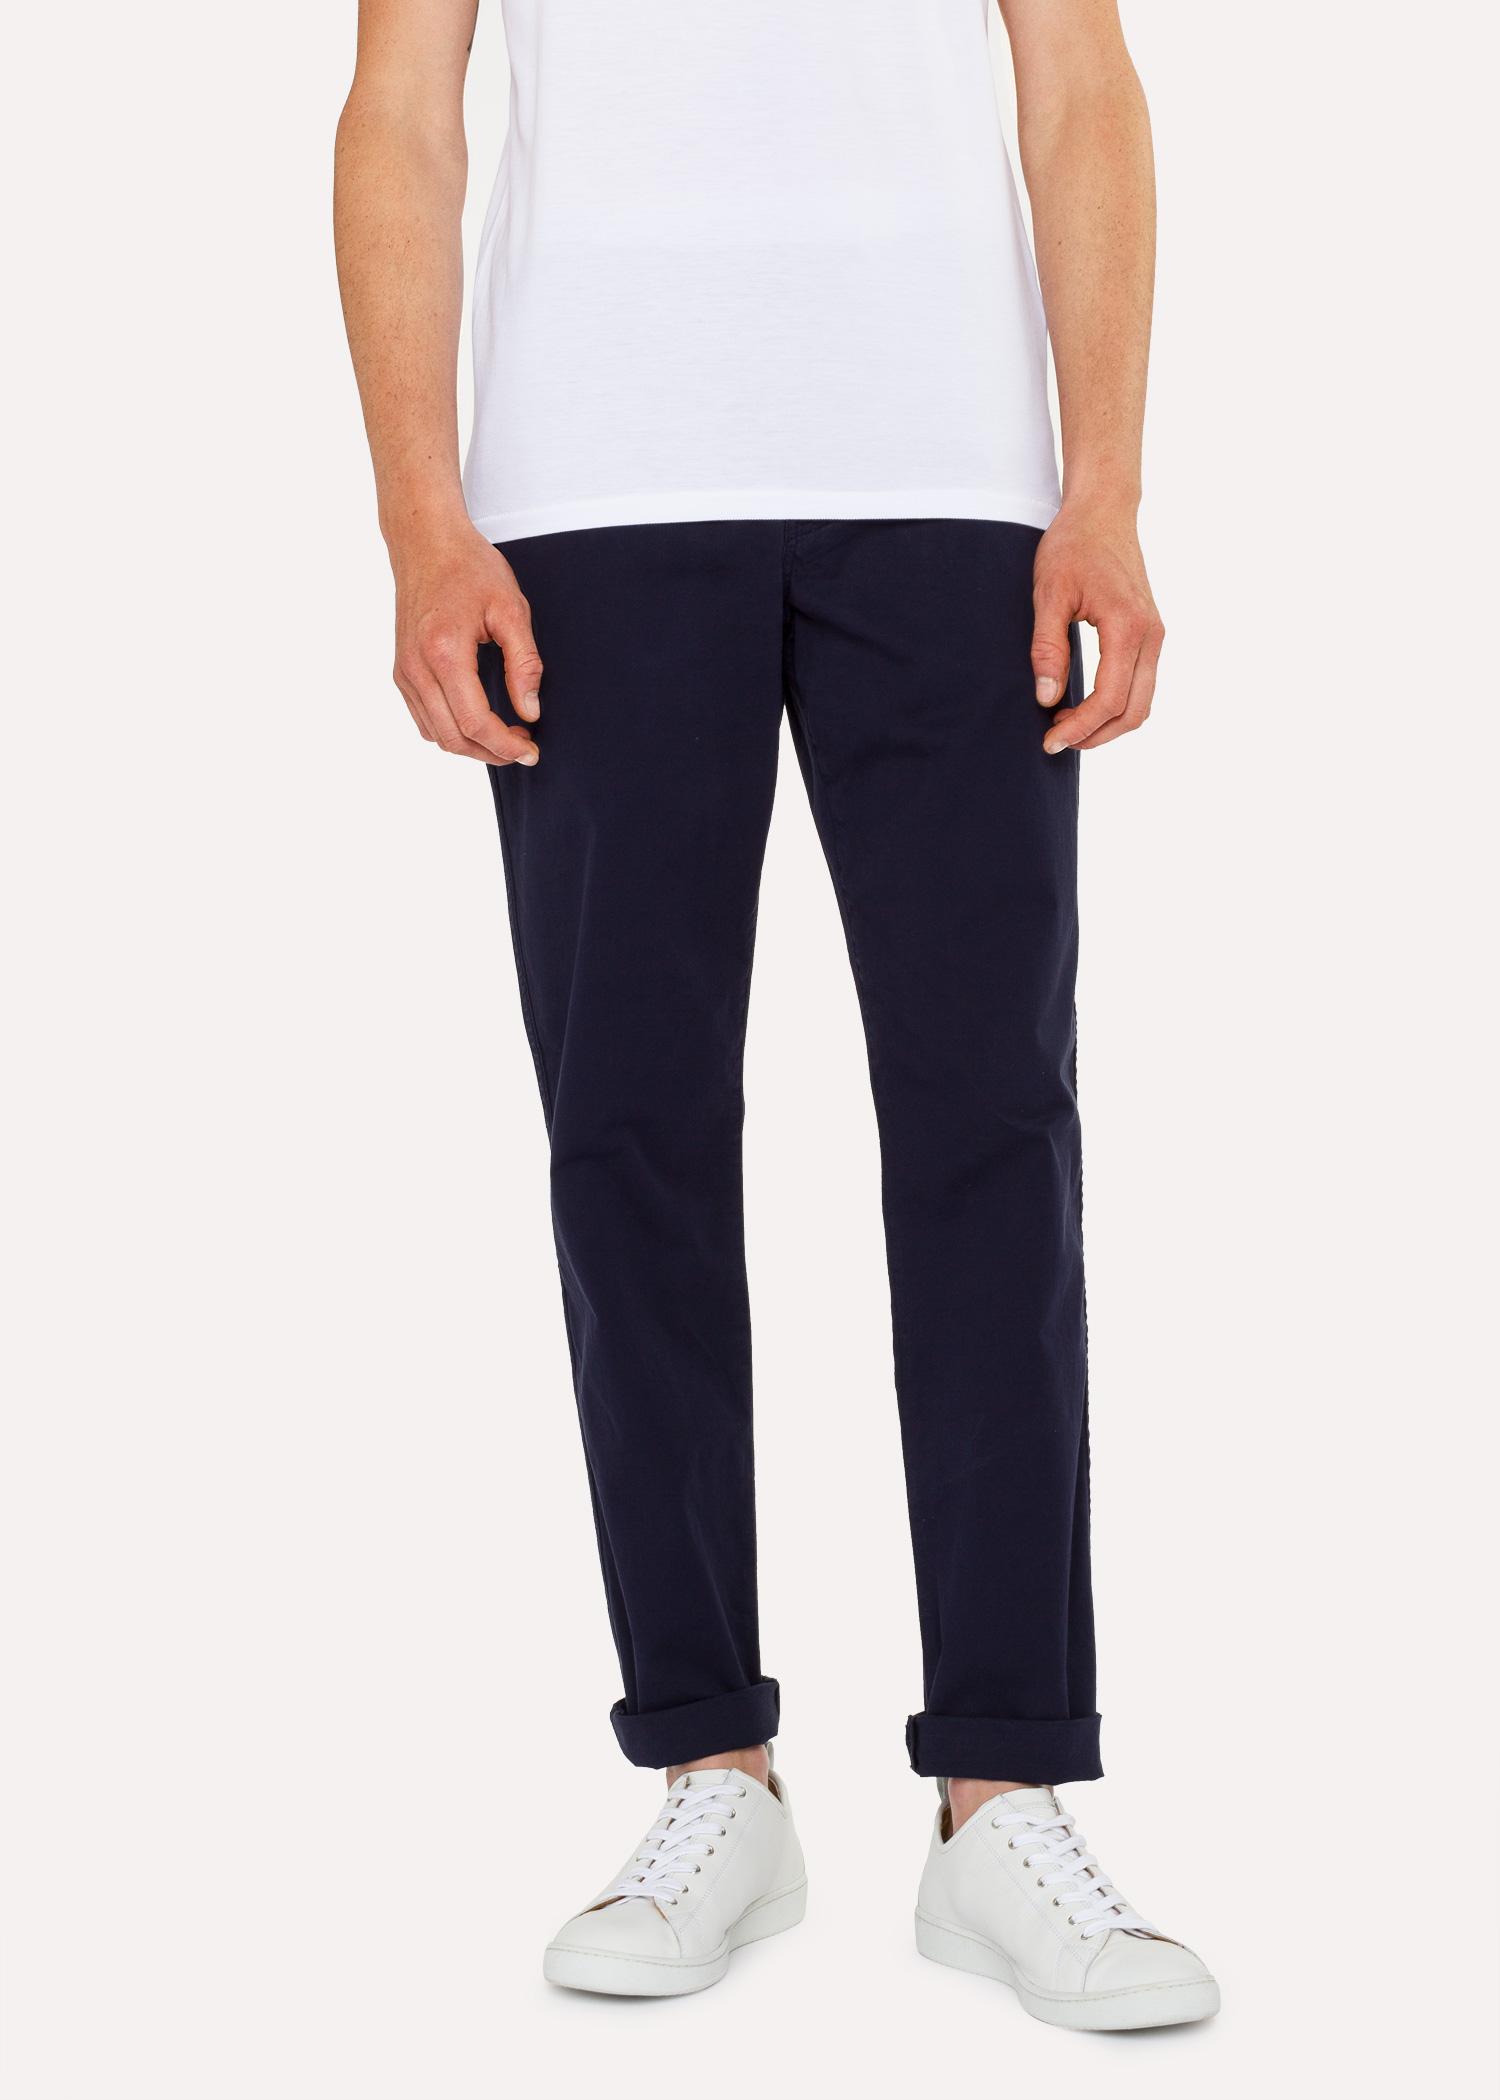 Pima Homme Pantalon Coton Coupe Marine Fuseau En Chino Bleu Foncé g0rq5aFqw